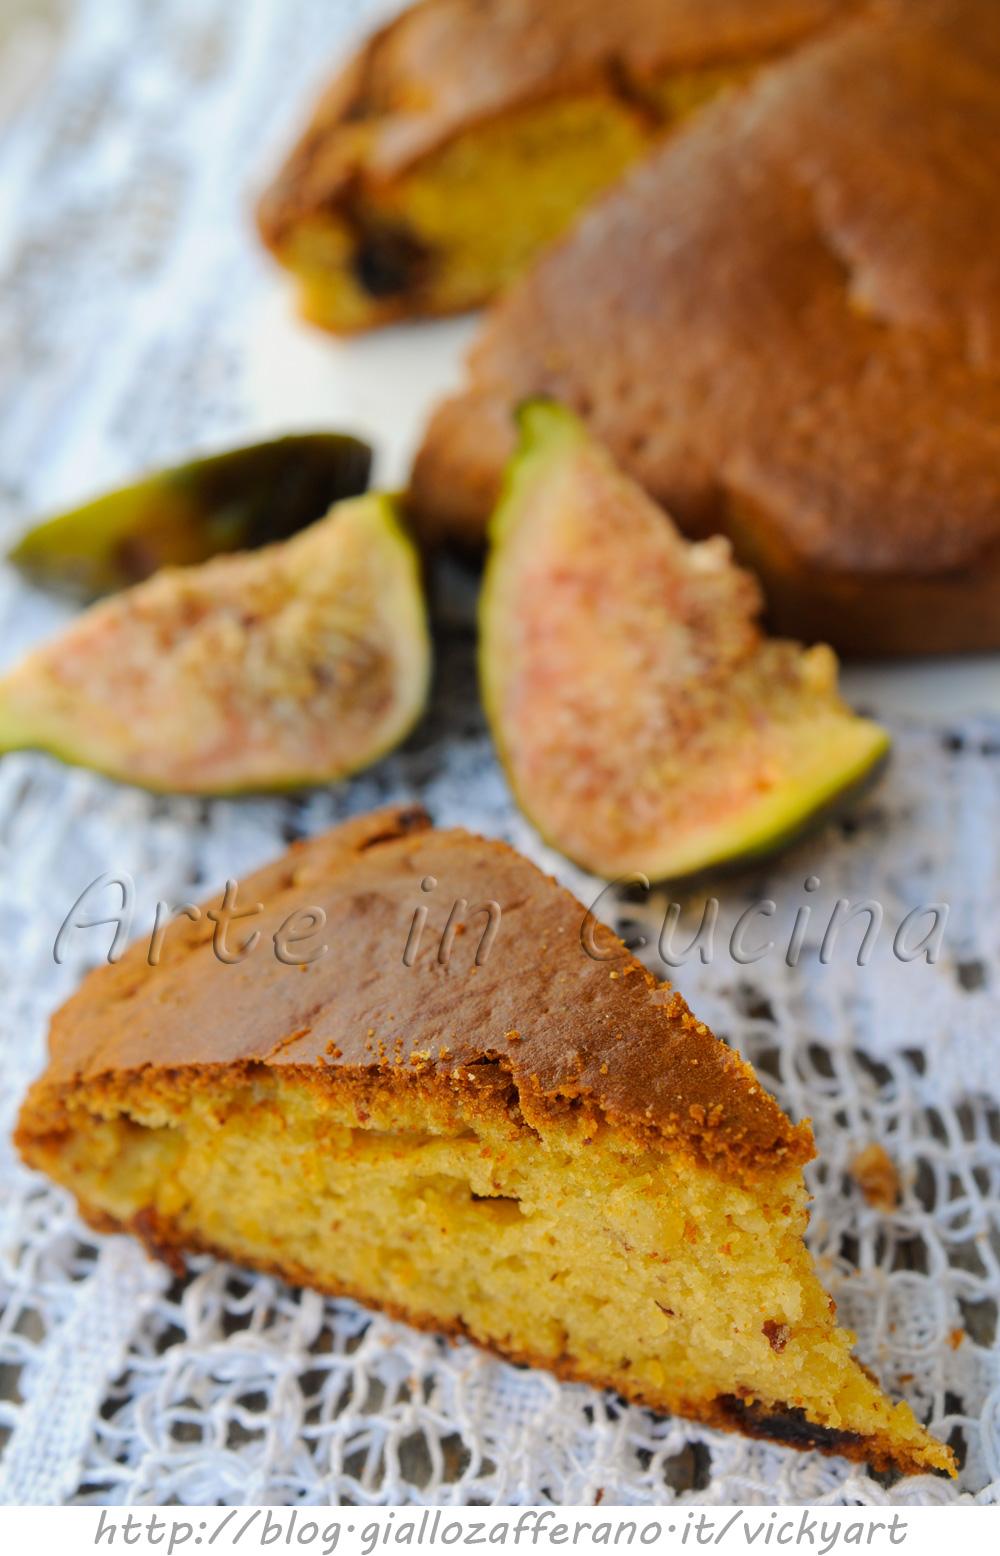 torta-fichi-uva-mandorle-dolce-facile-veloce-2